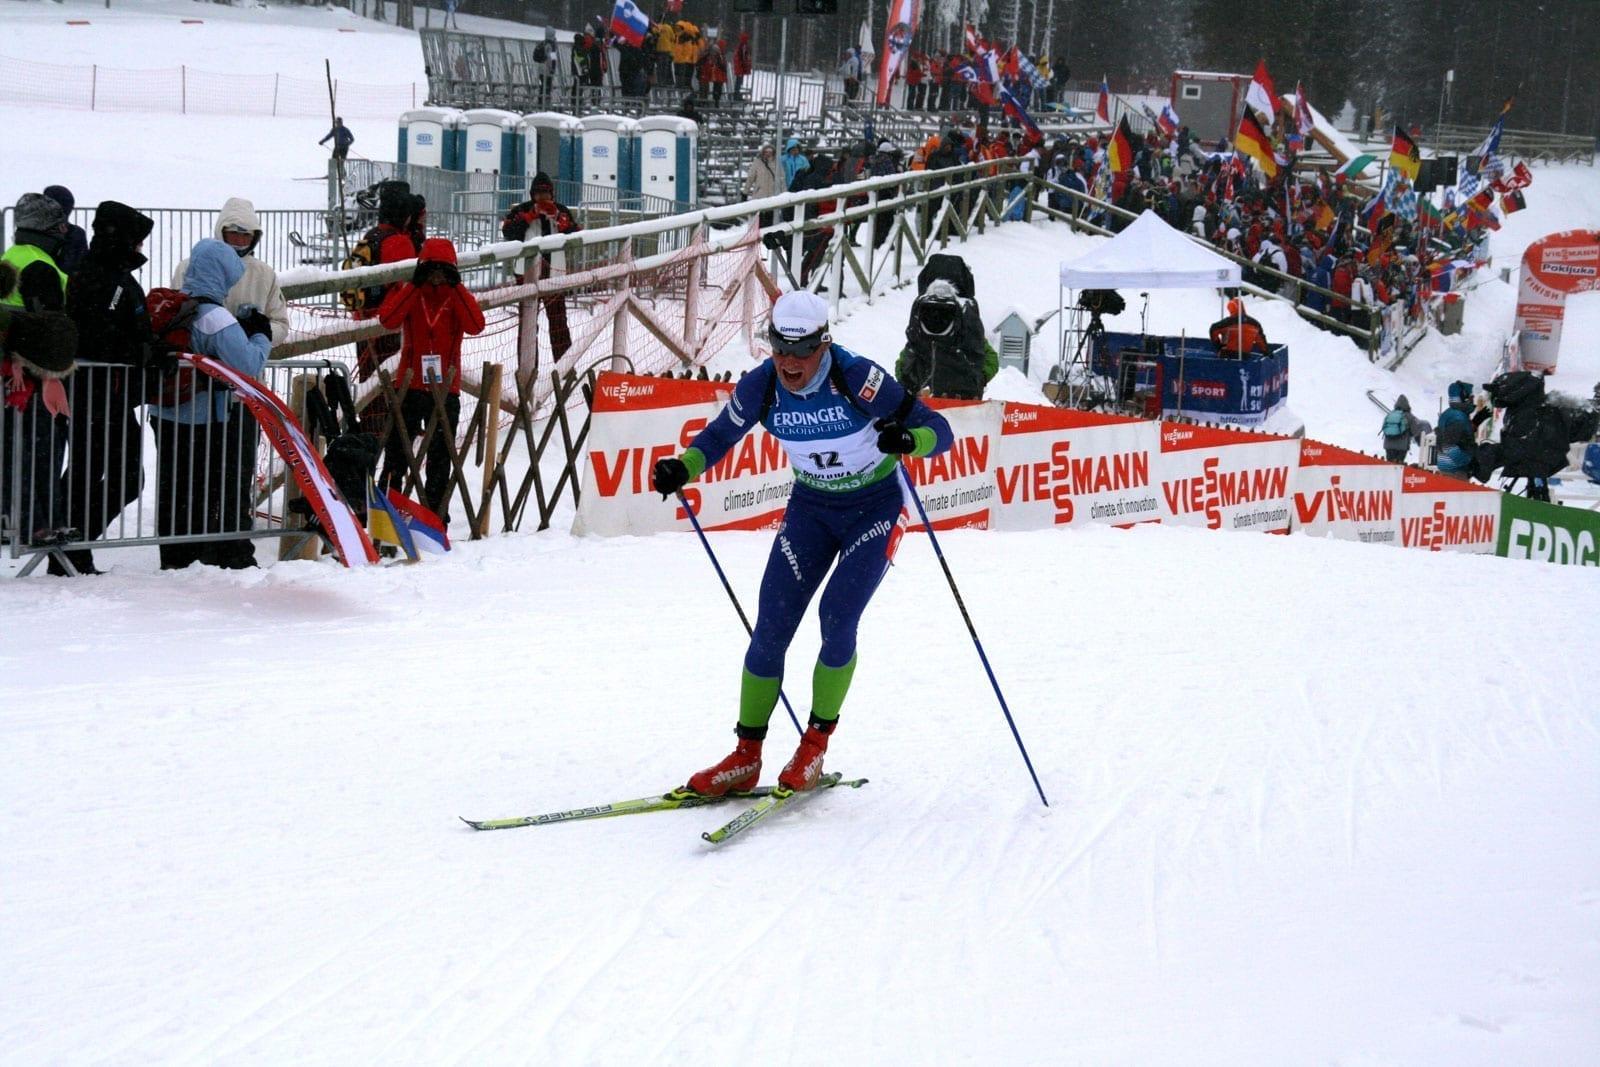 Rogla Copa del Mundo de esquí de fondo 2009 Zrece Eslovenia